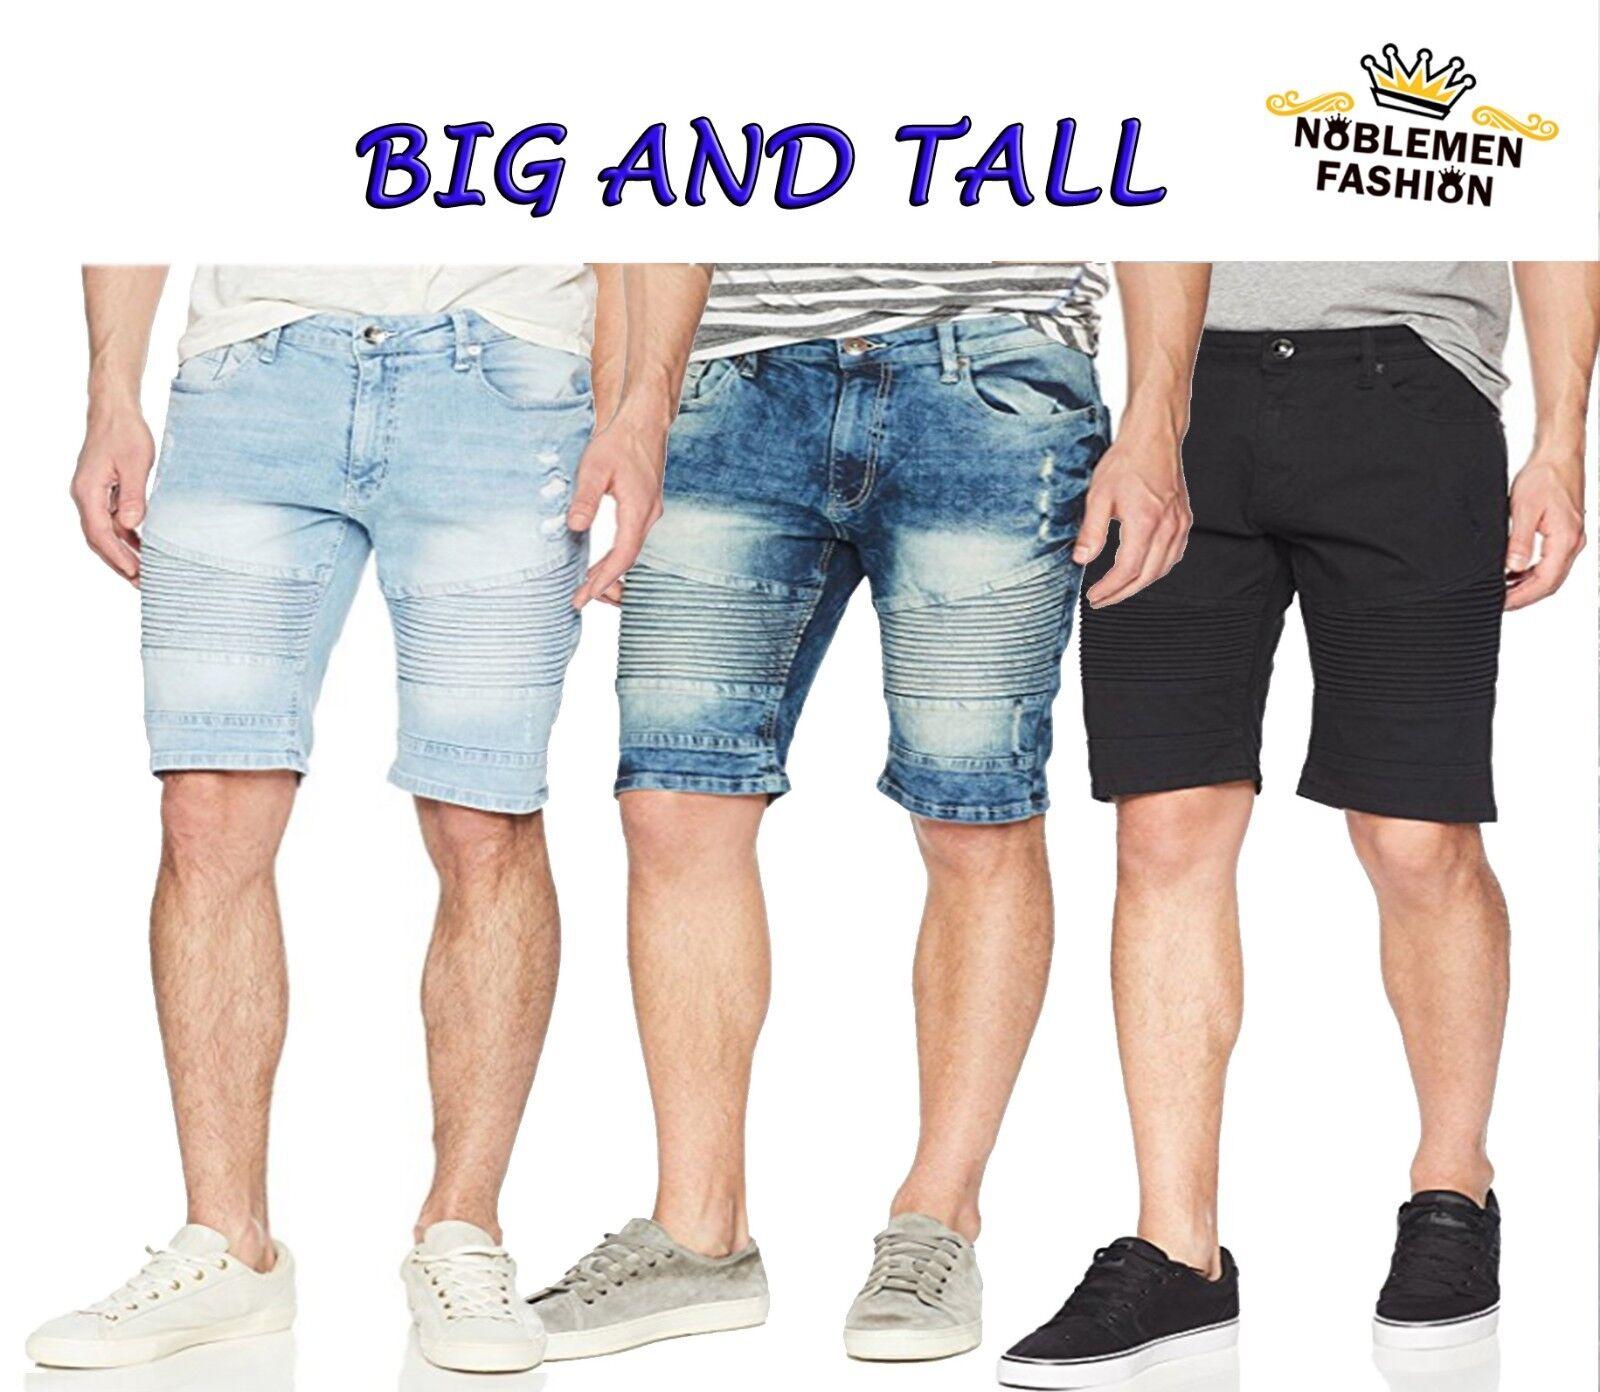 """4XL NWT 10.5 /"""" Inseam 3XL Foundry Men's Athletic Shorts Big /& Tall sizes 2XL"""